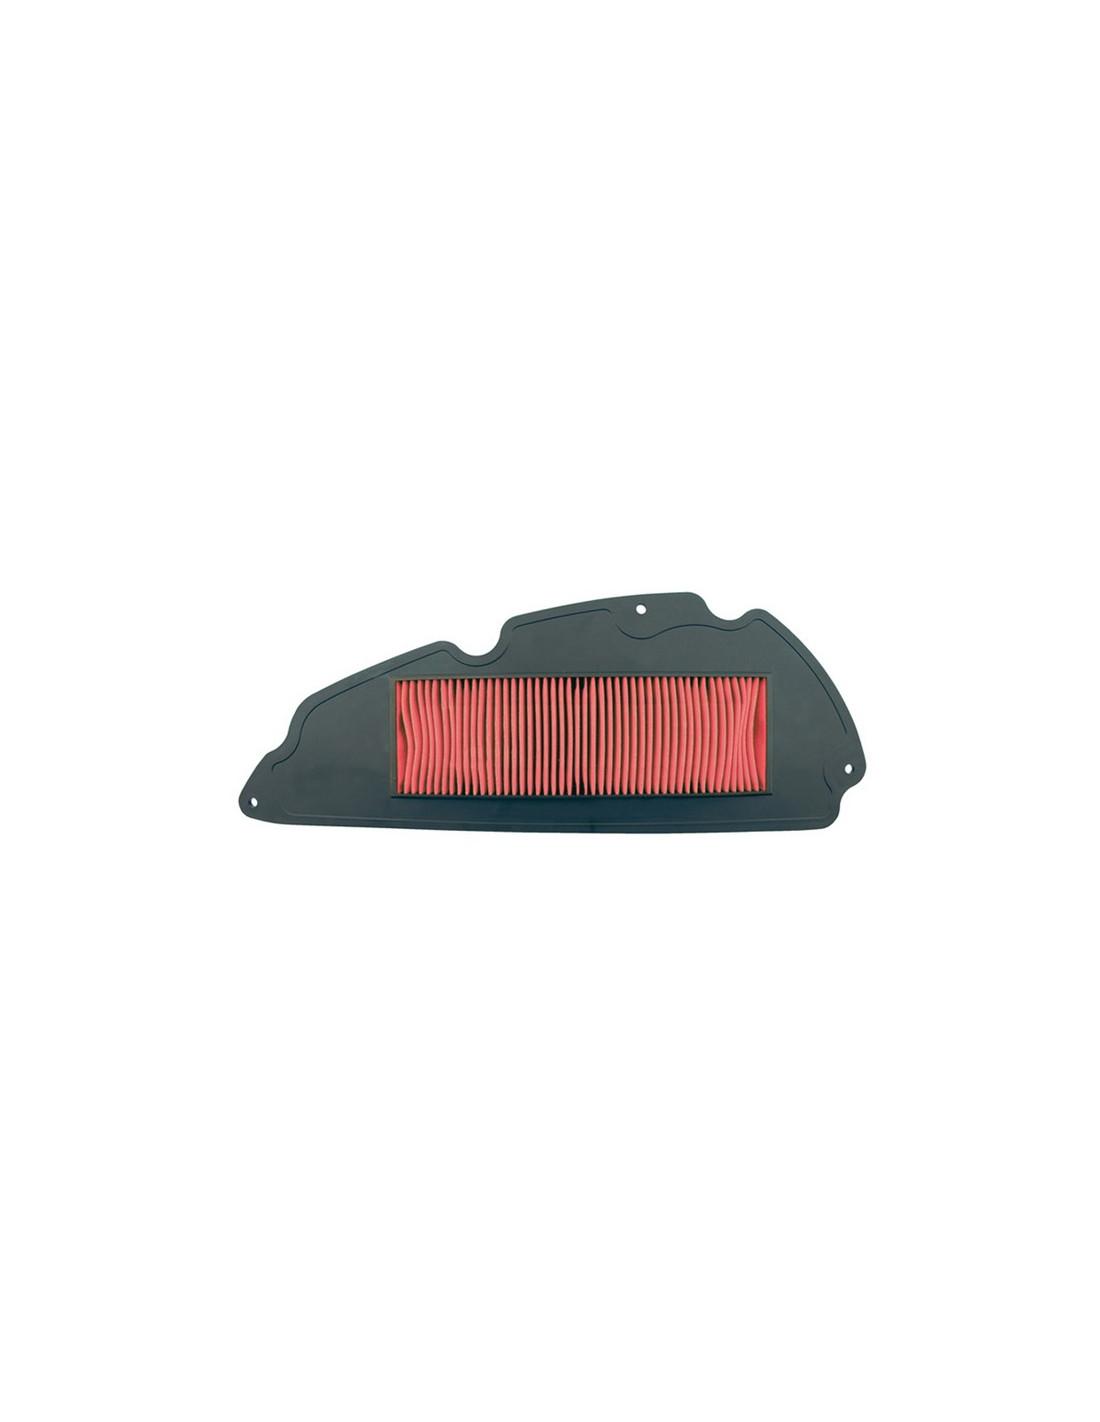 Genuine Ford Rejilla Frontal//Arco de Rueda Clips X2 6136432 Nuevo